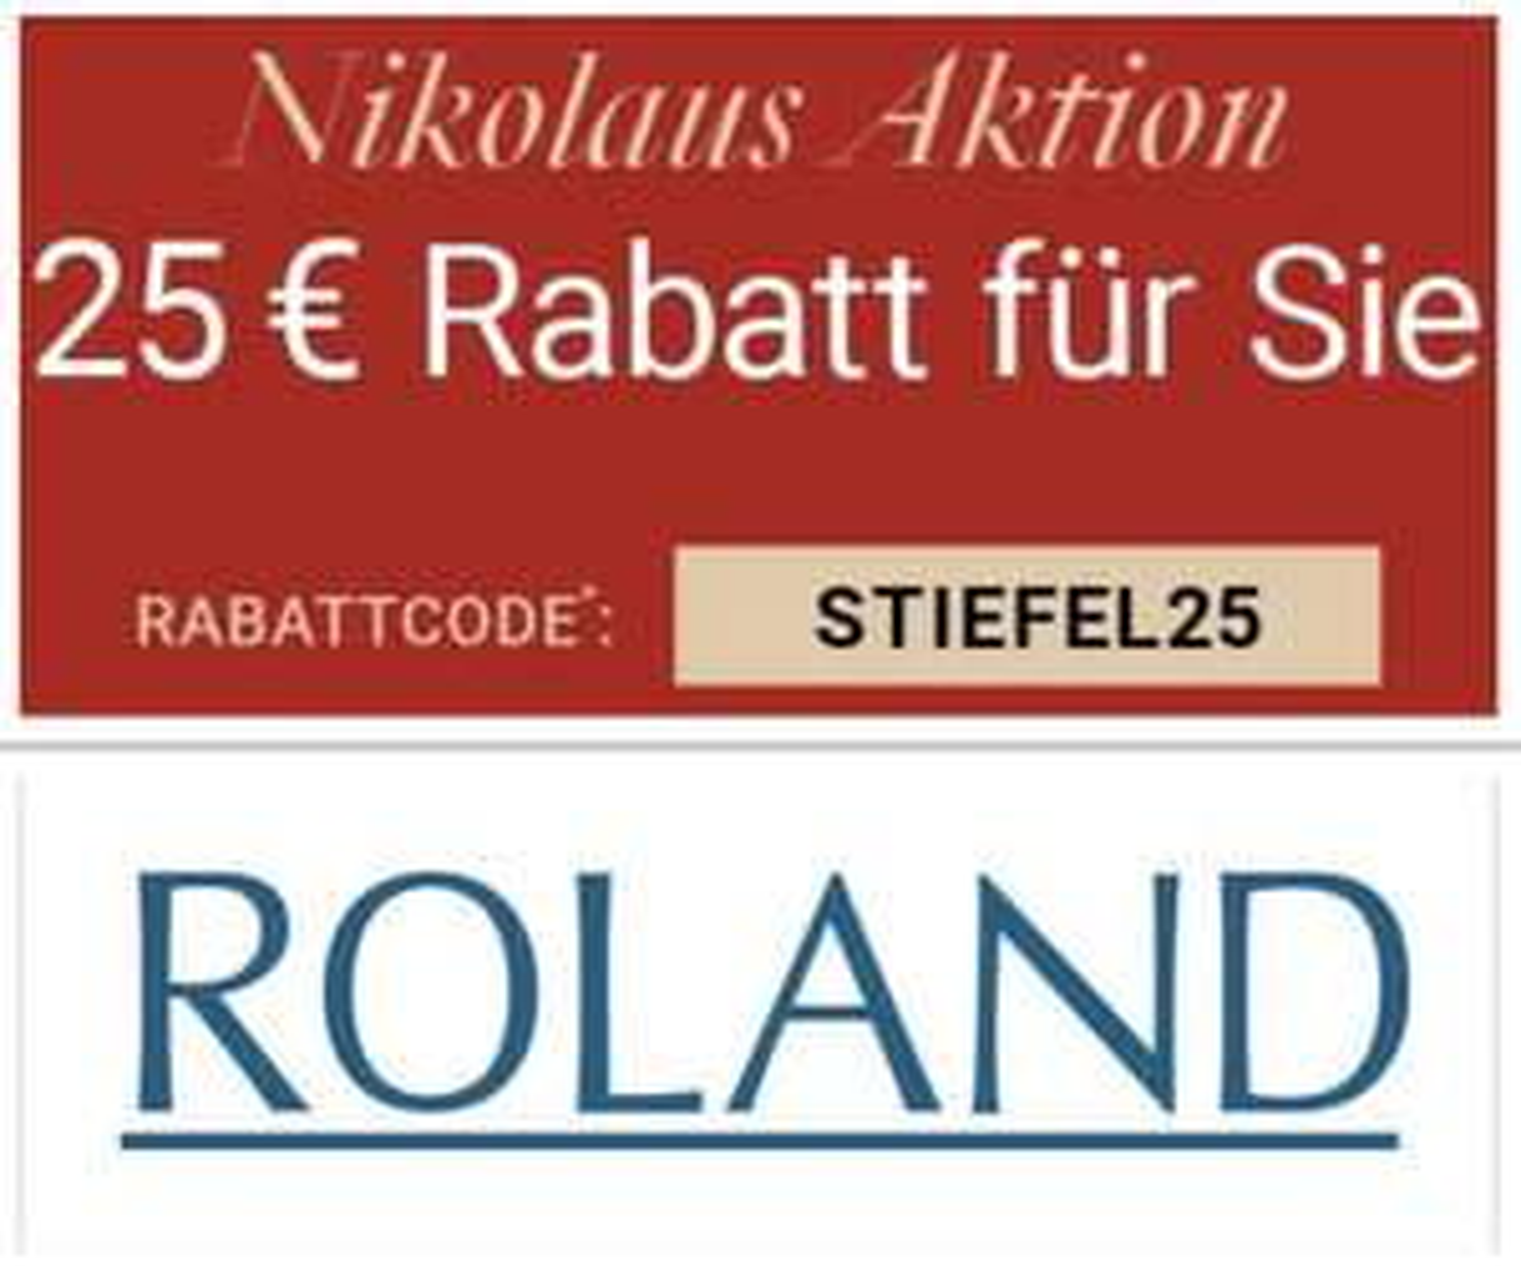 Roland Schuhe: 25€ Rabatt auf Alles auch auf SALE ab 99,95€ - bis 08.12.